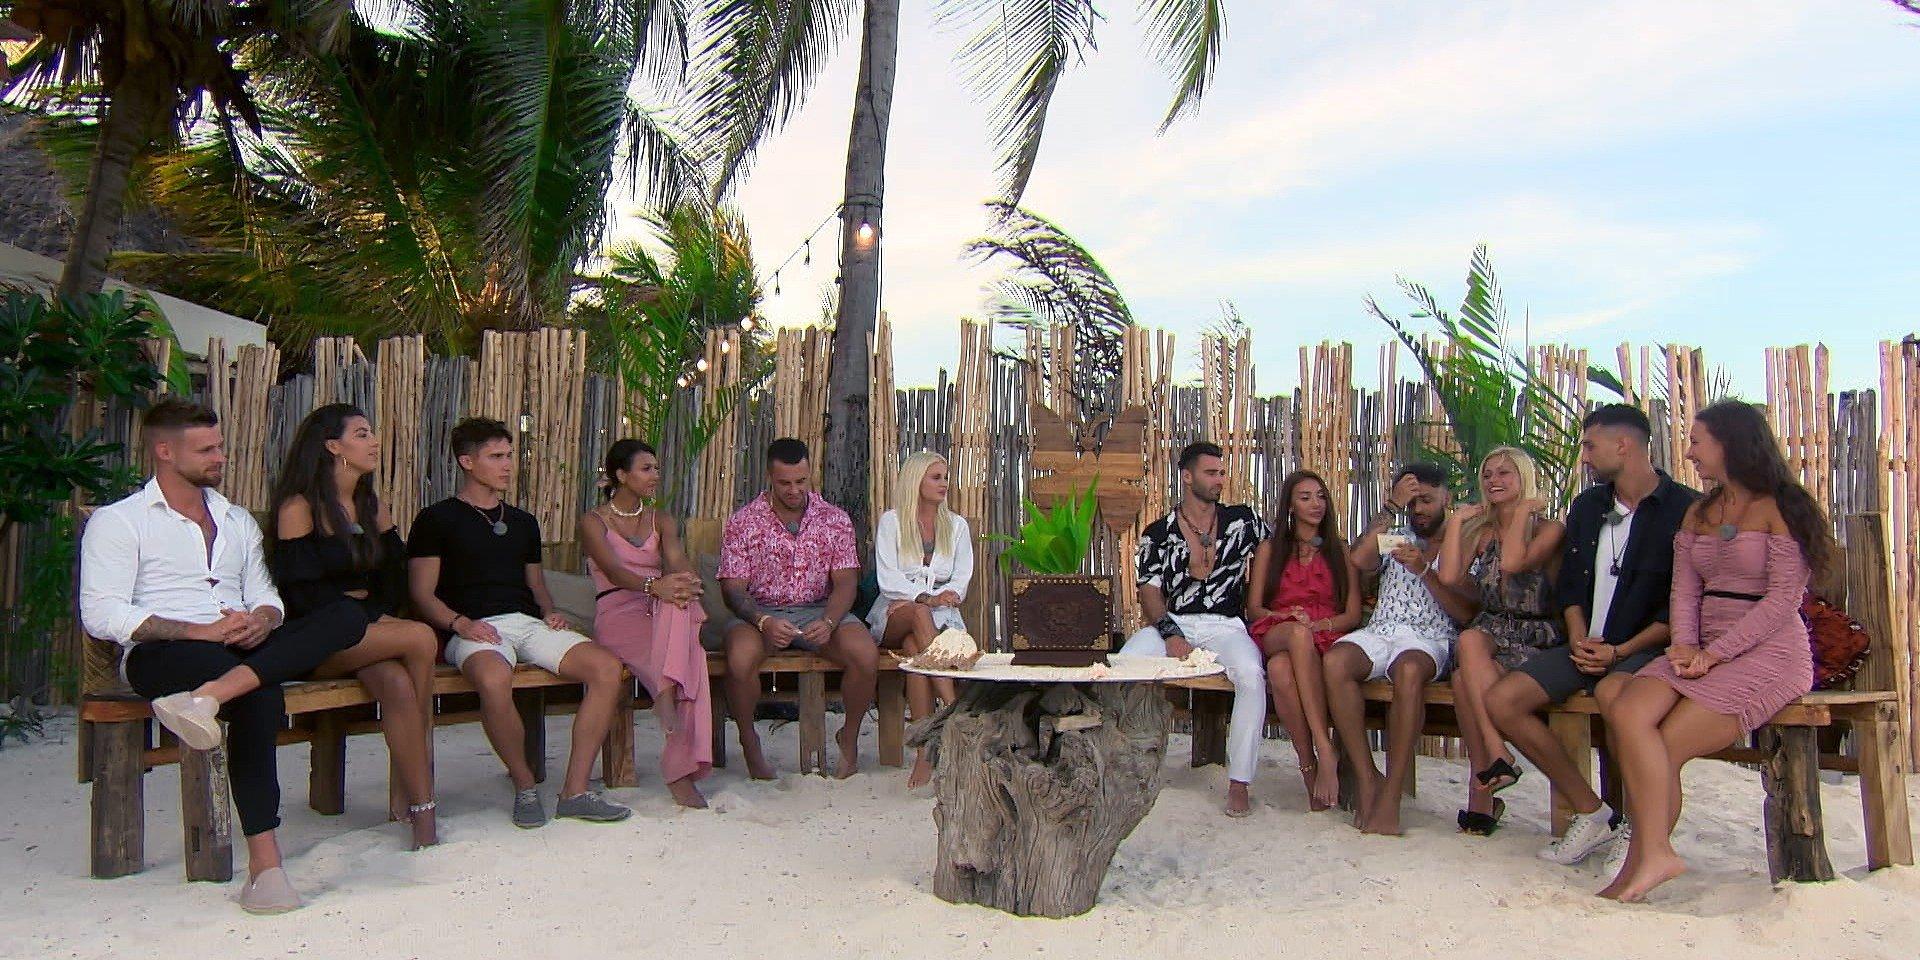 Hotel Paradise 3: zapowiedź odcinka 19